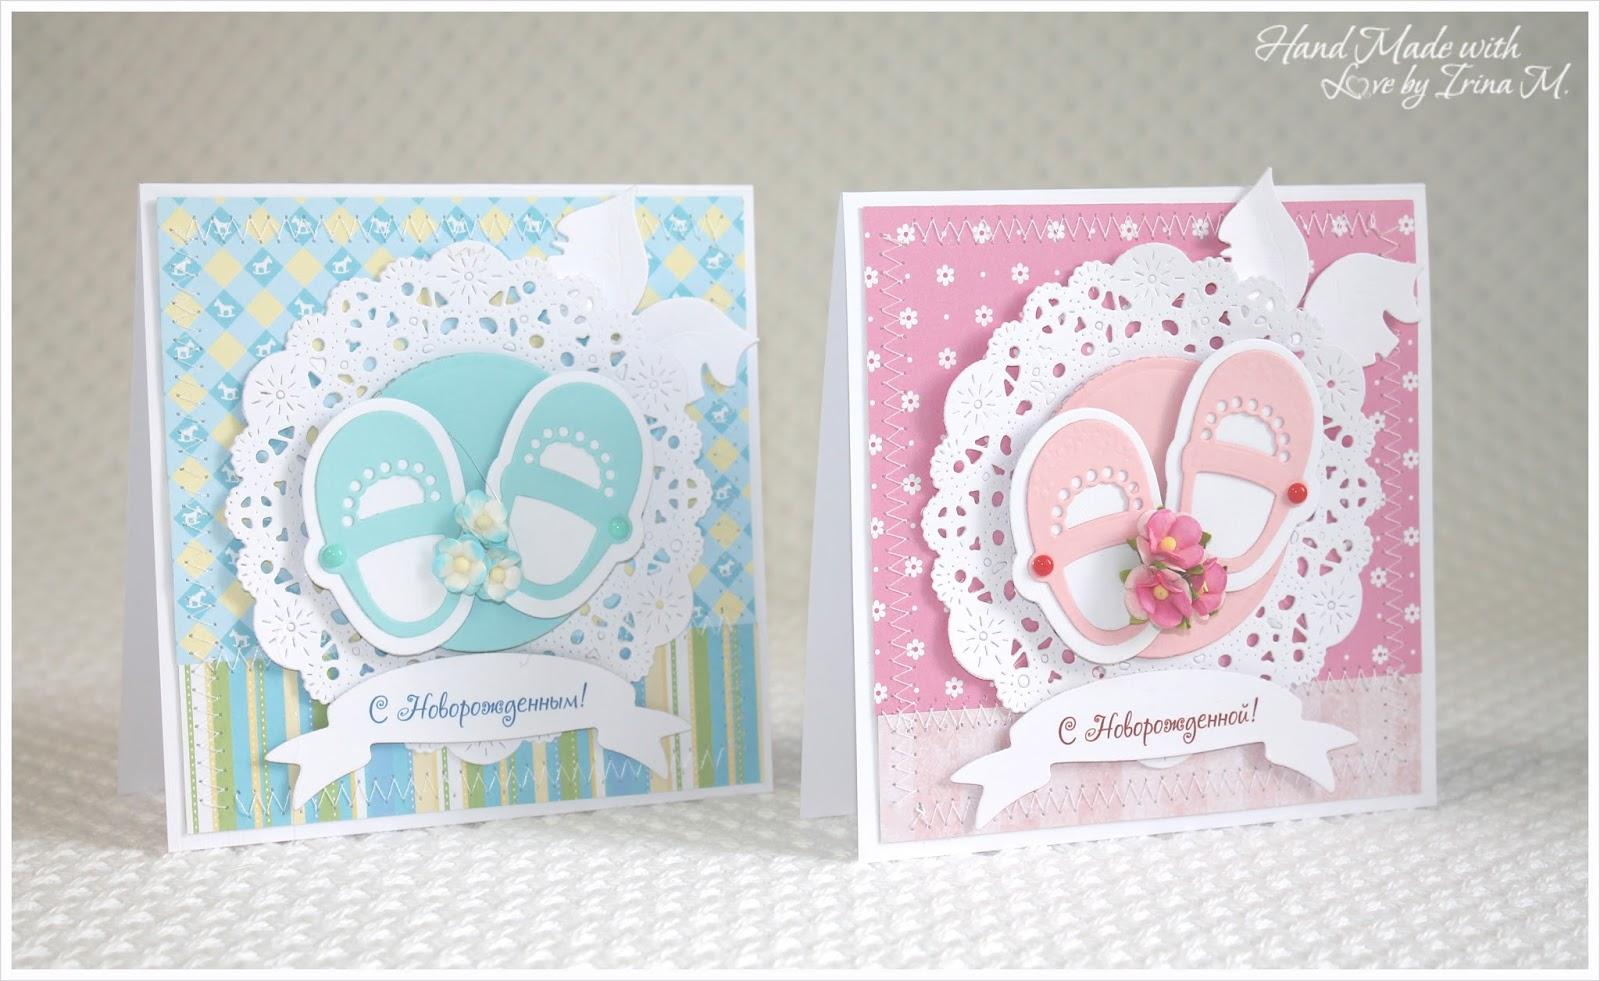 Февраля скрапбукинг, открытки своими руками новорожденной девочке